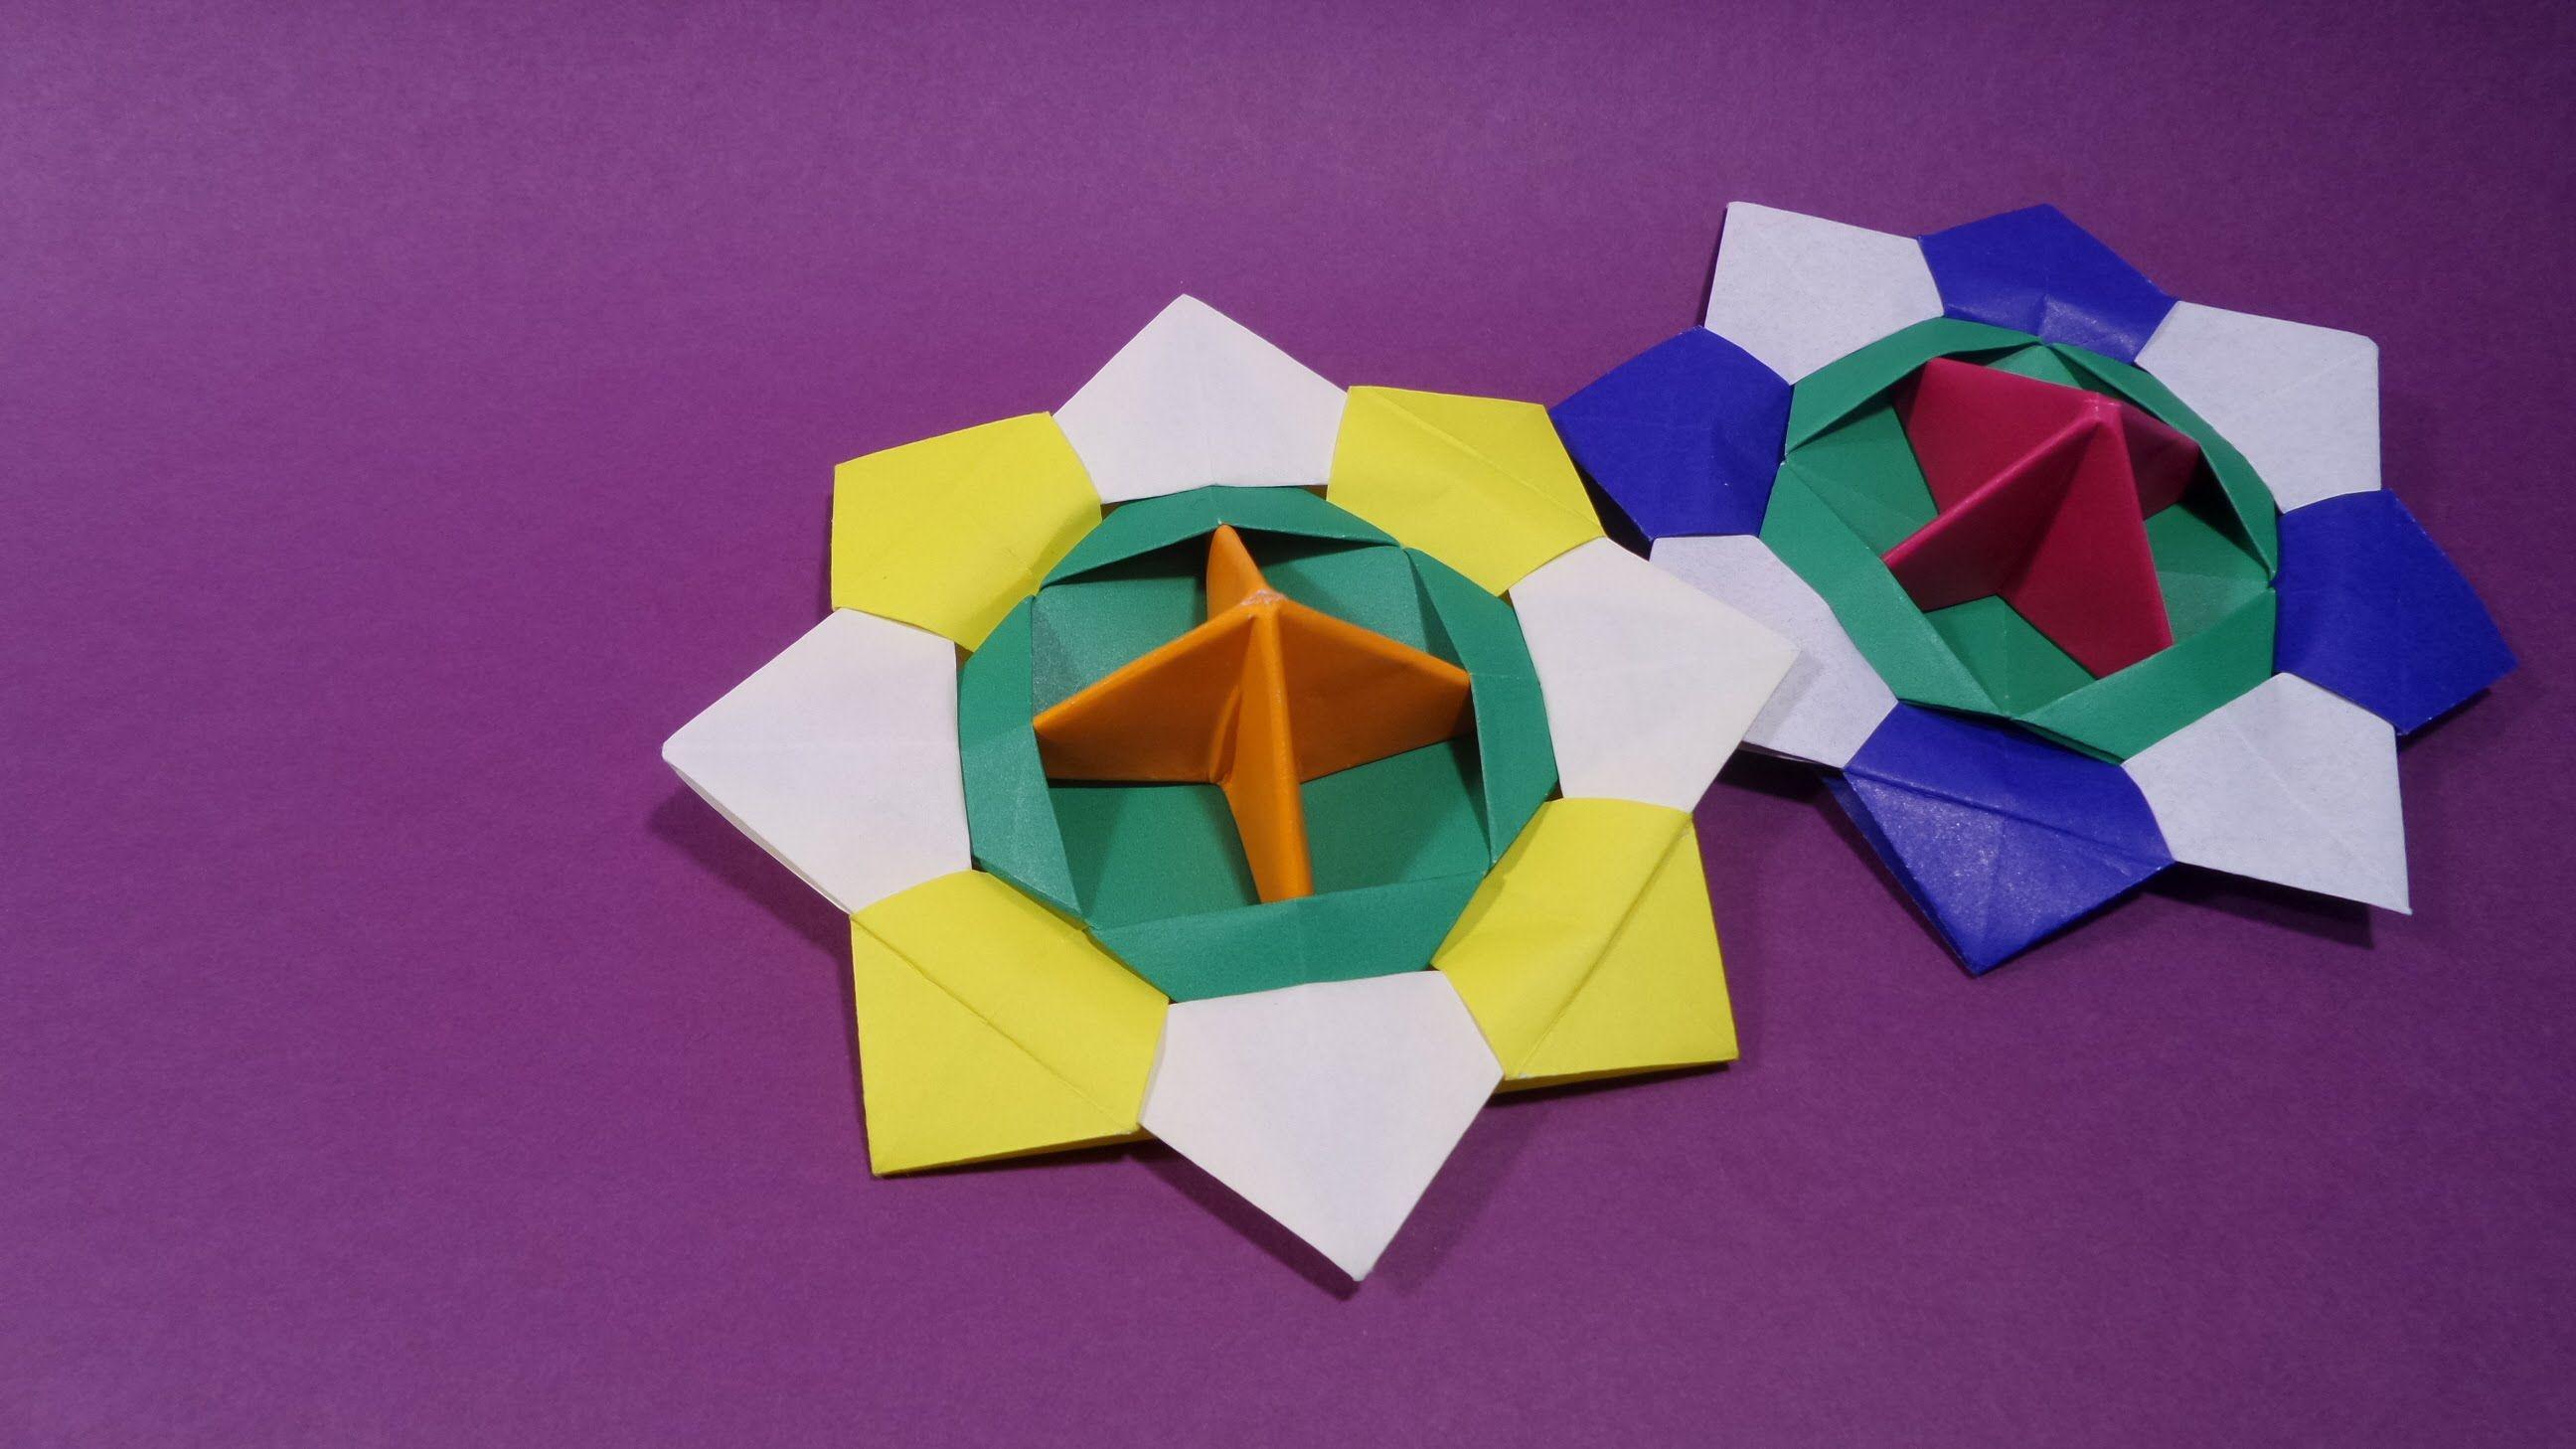 팽이 색종이 접기 - Origami Confetti top